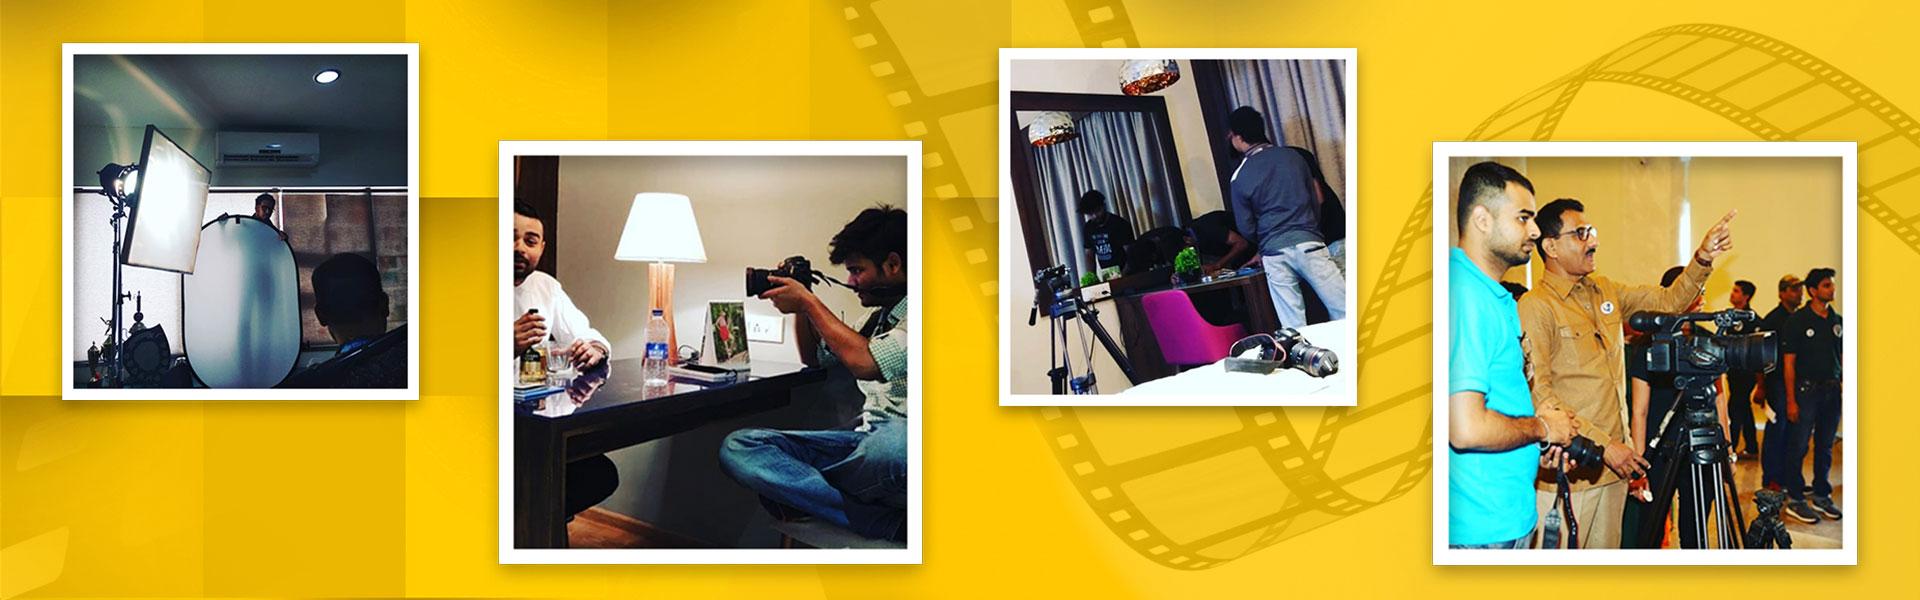 Film making, video editing, acting institute in mumbai